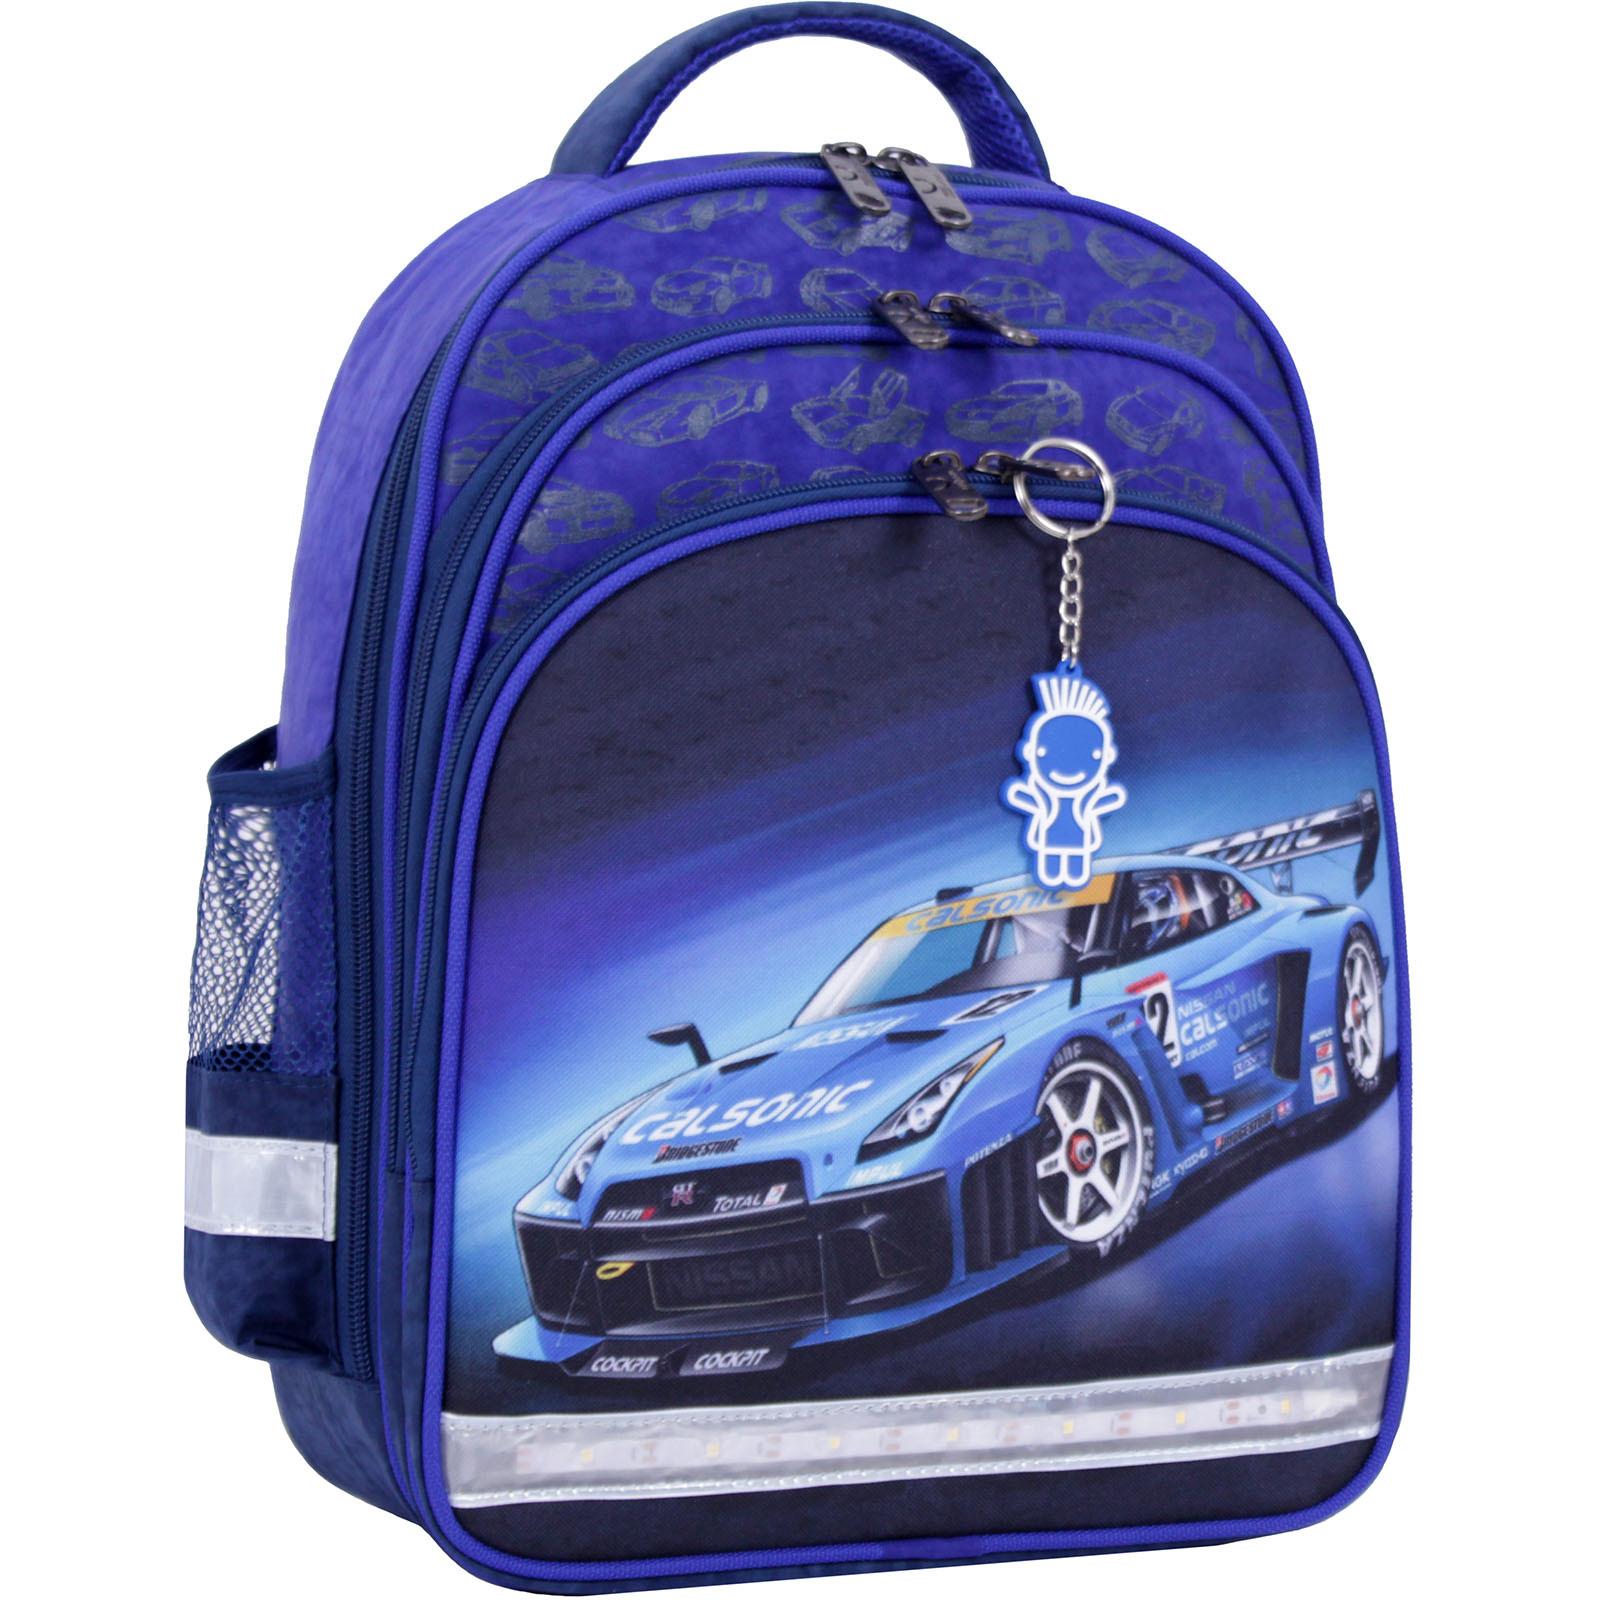 Рюкзак школьный Bagland Mouse 225 синий 56м (0051370) фото 1